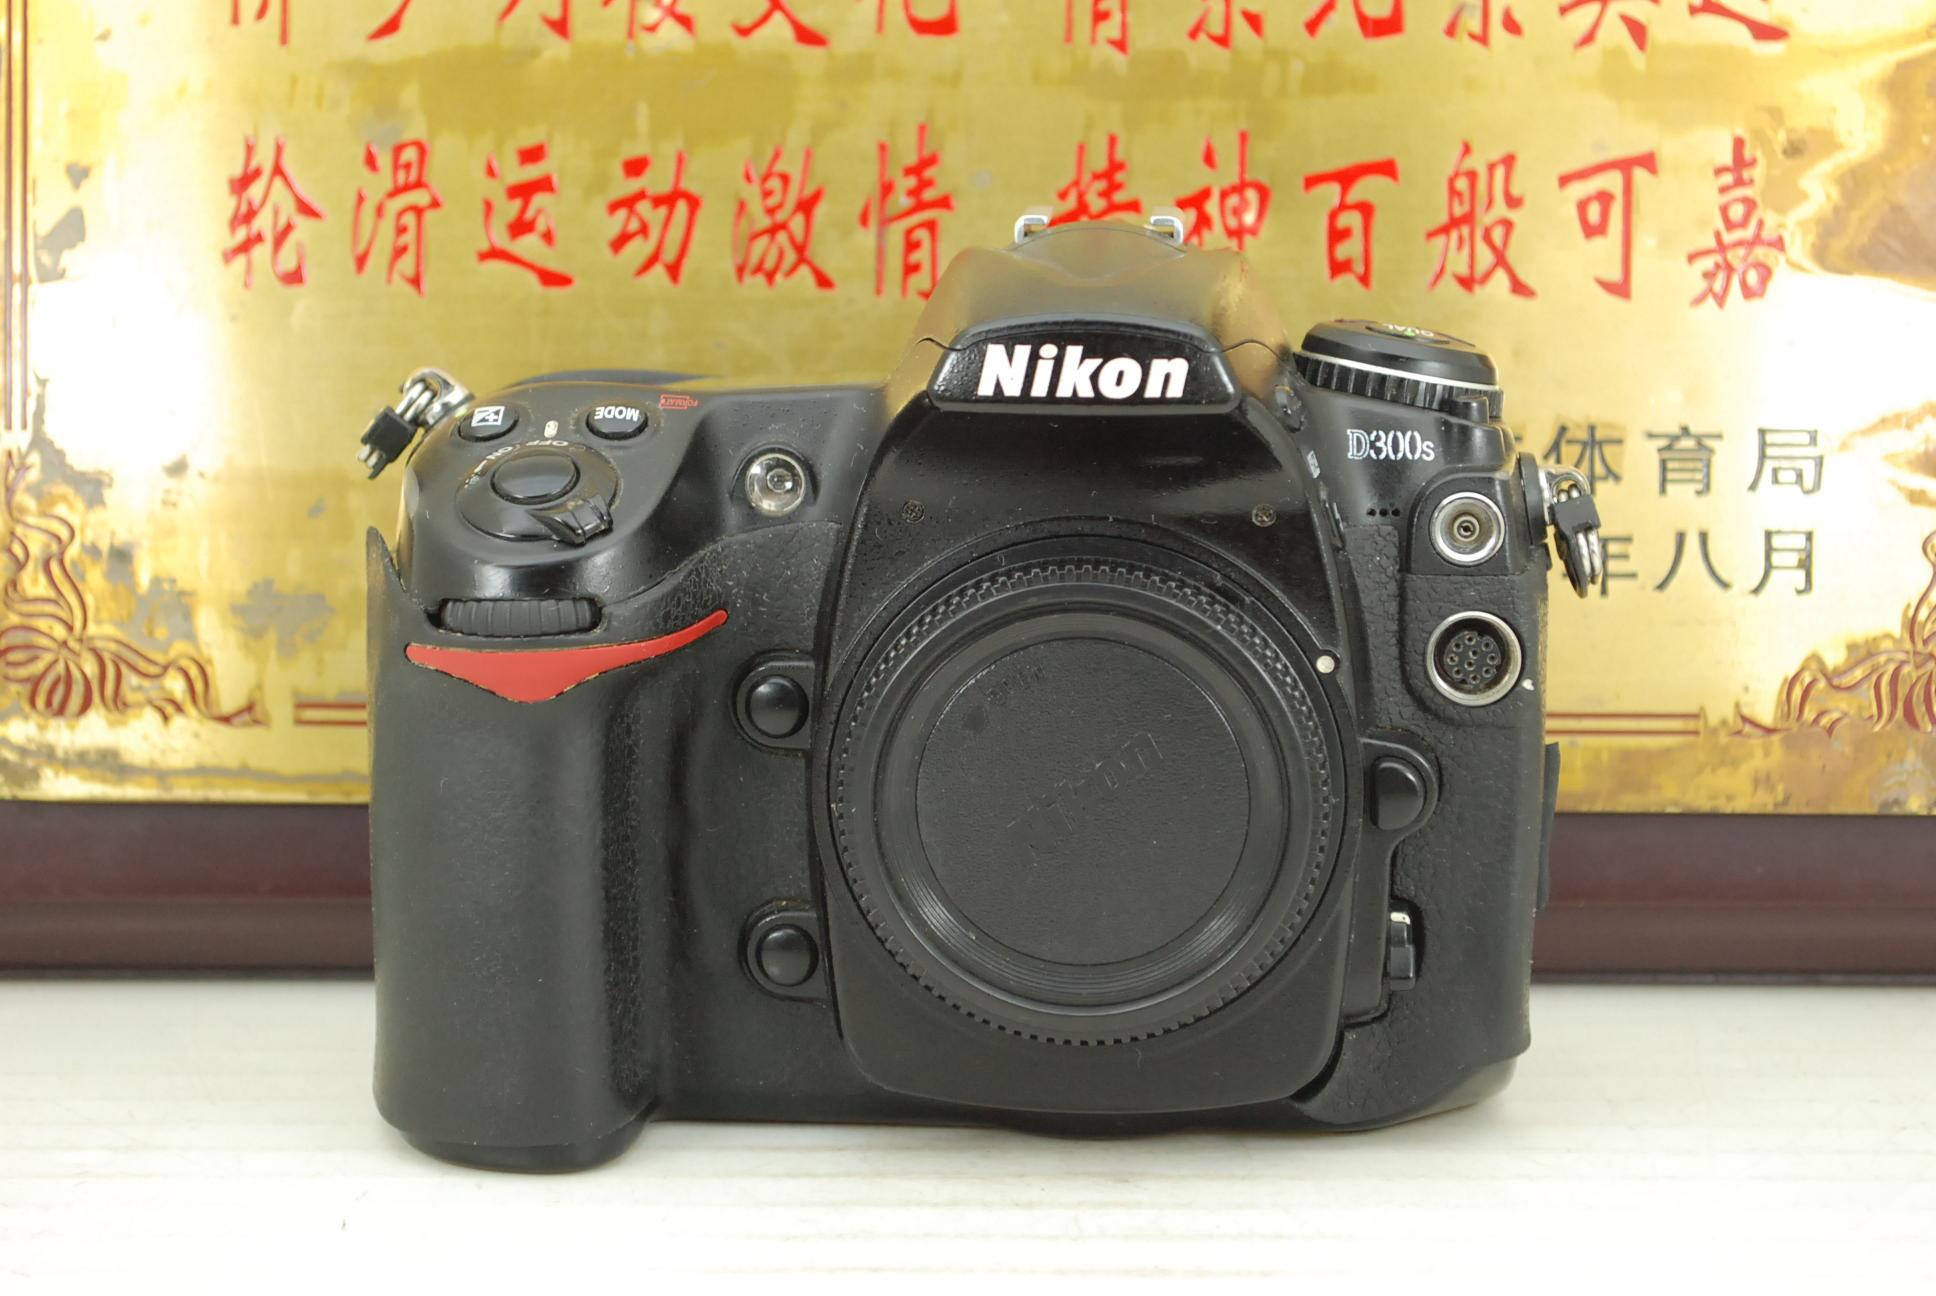 尼康 D300S 专业中端 数码单反相机 千万像素 入门练手